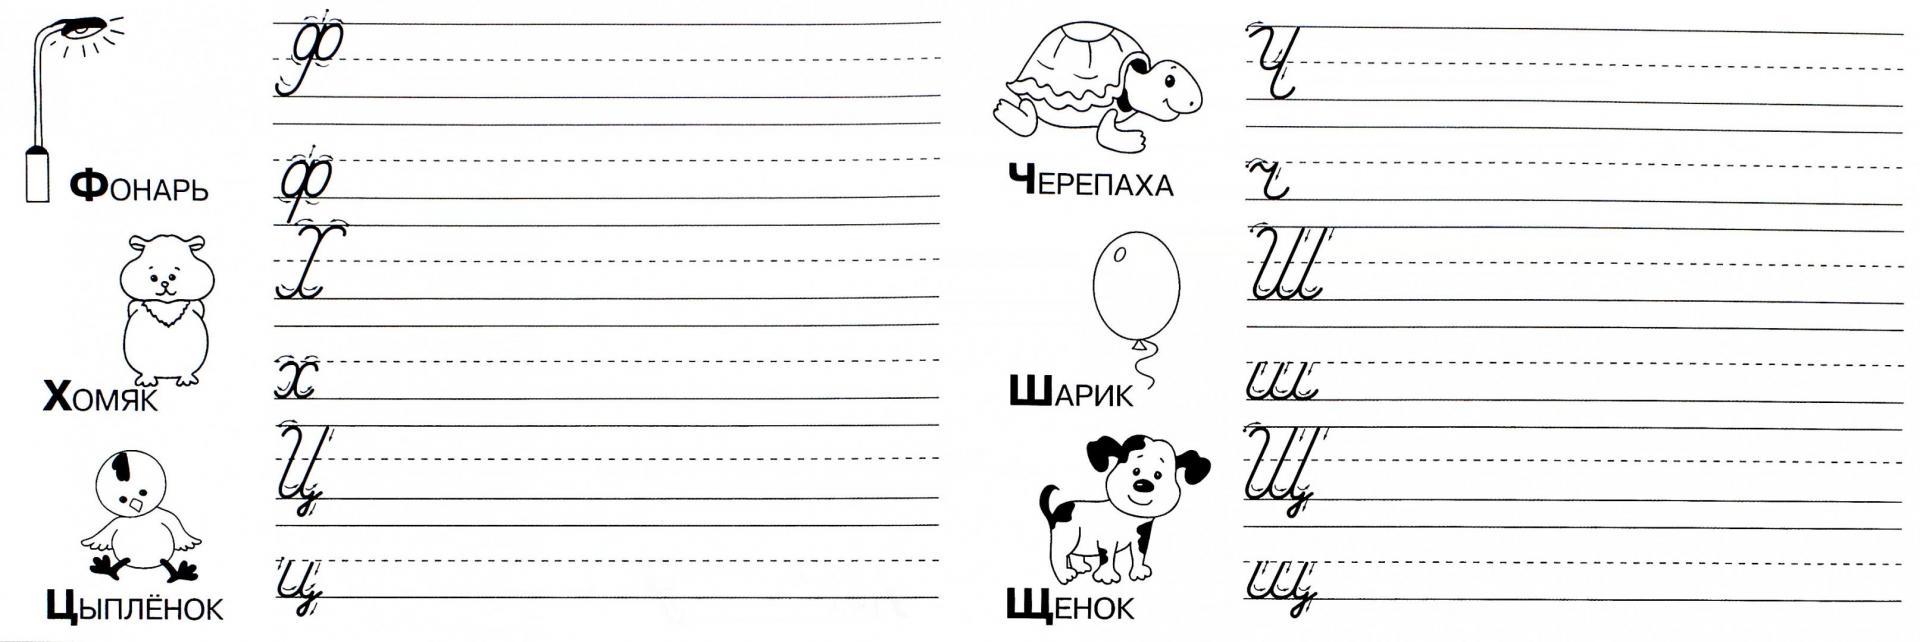 Иллюстрация 1 из 40 для Буквы и цифры - И. Попова | Лабиринт - книги. Источник: Лабиринт